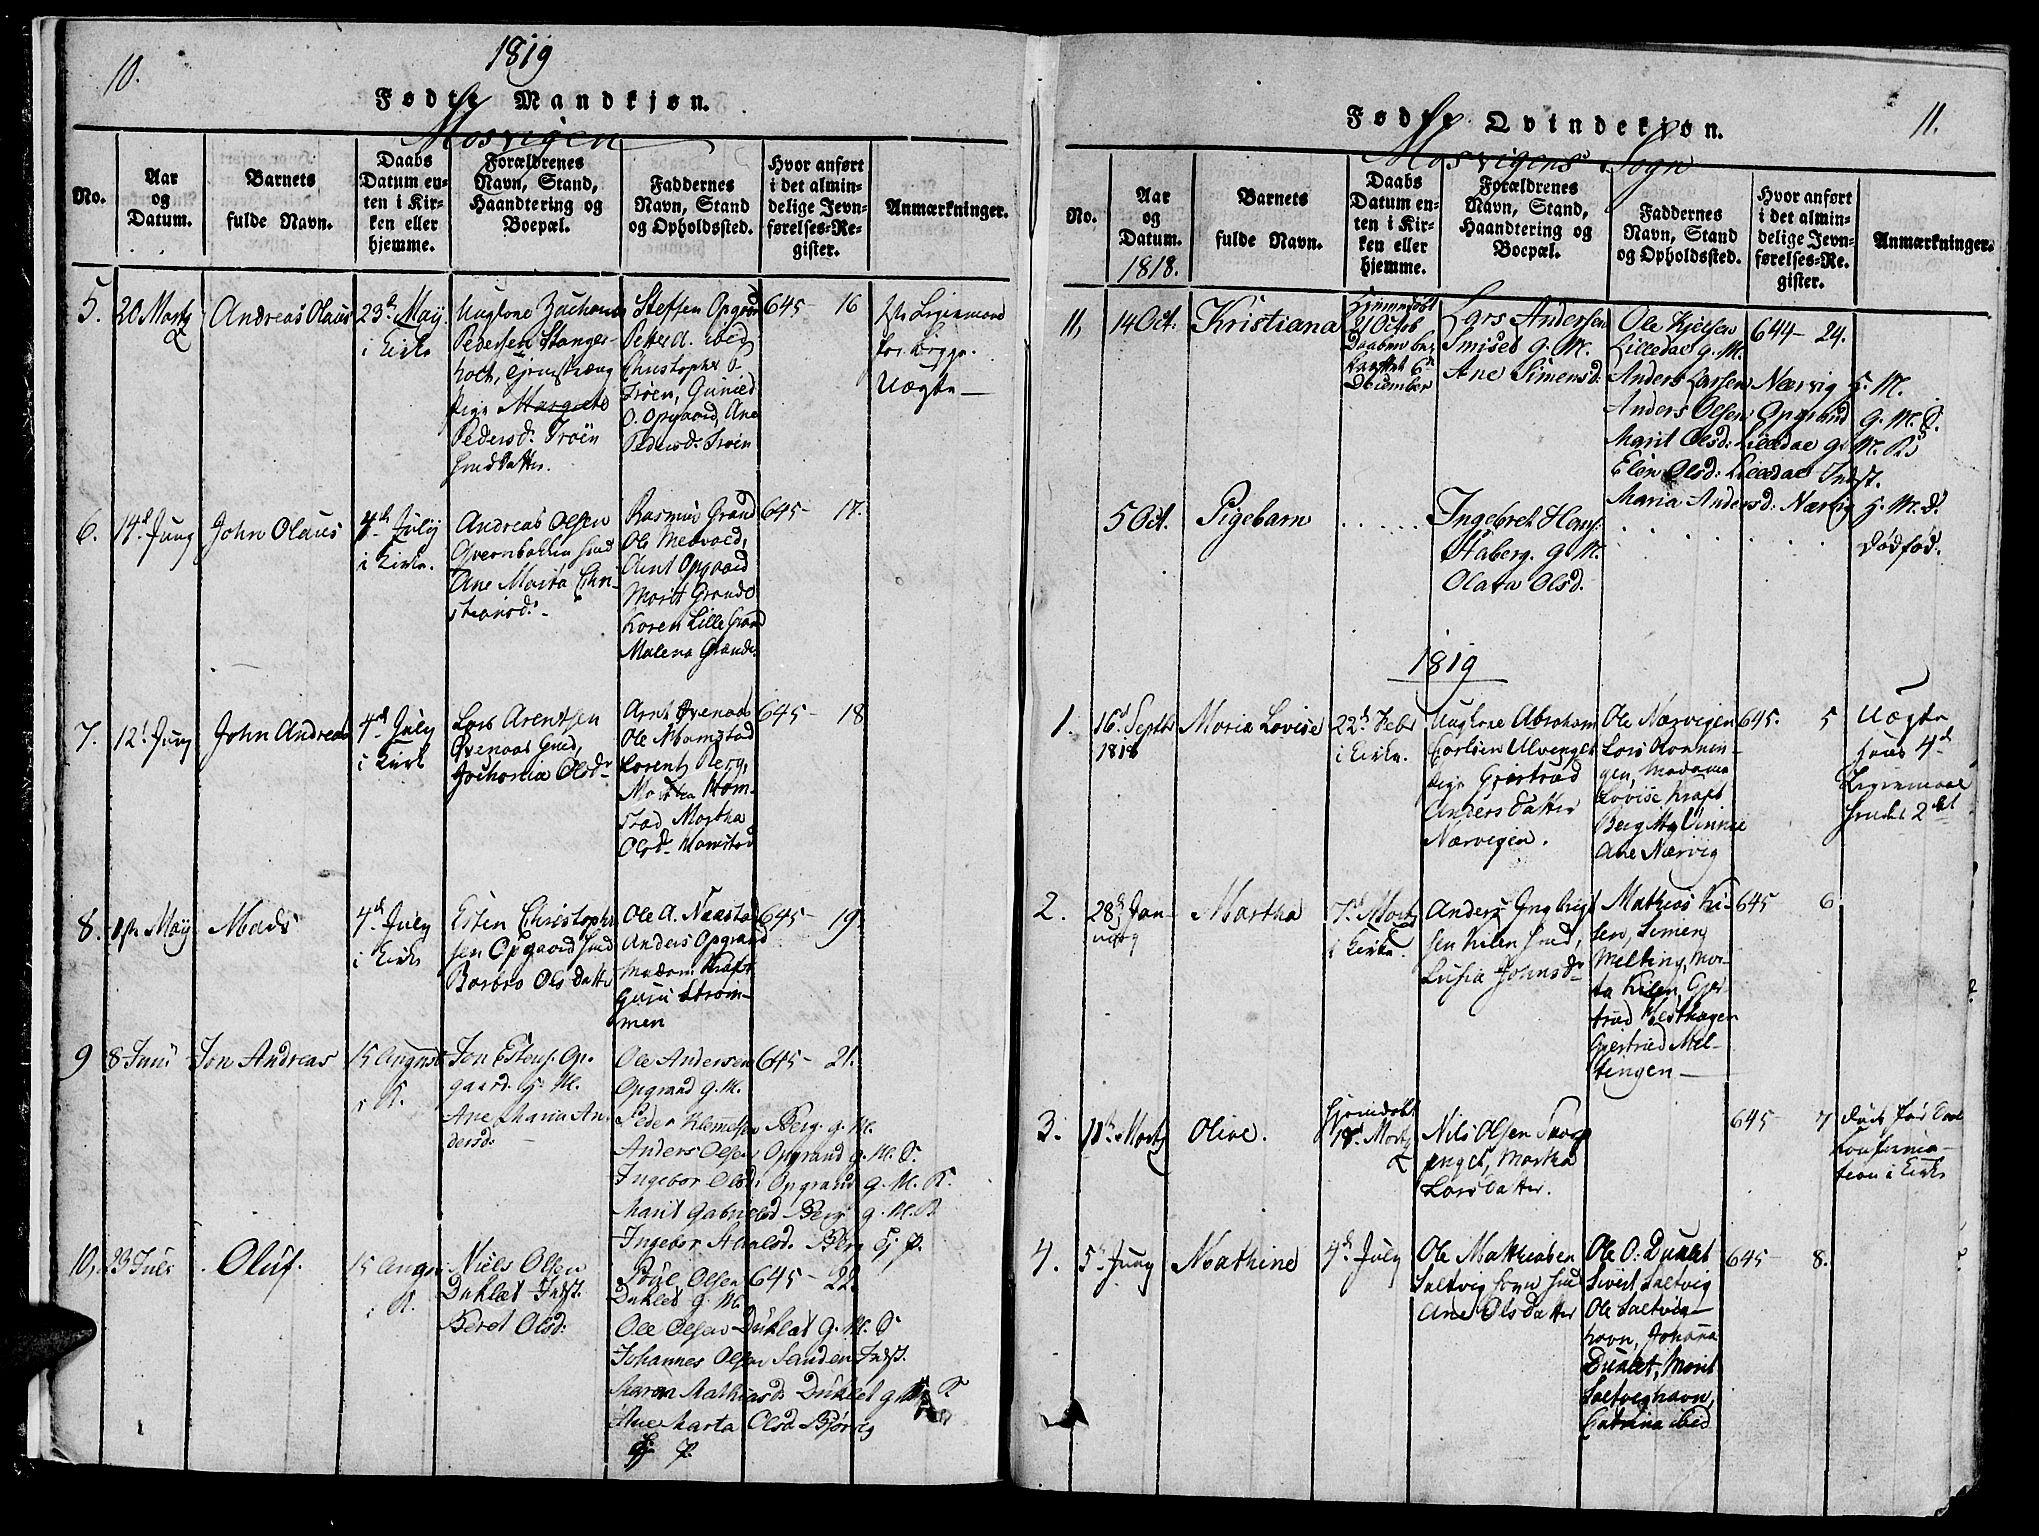 SAT, Ministerialprotokoller, klokkerbøker og fødselsregistre - Nord-Trøndelag, 733/L0322: Ministerialbok nr. 733A01, 1817-1842, s. 10-11